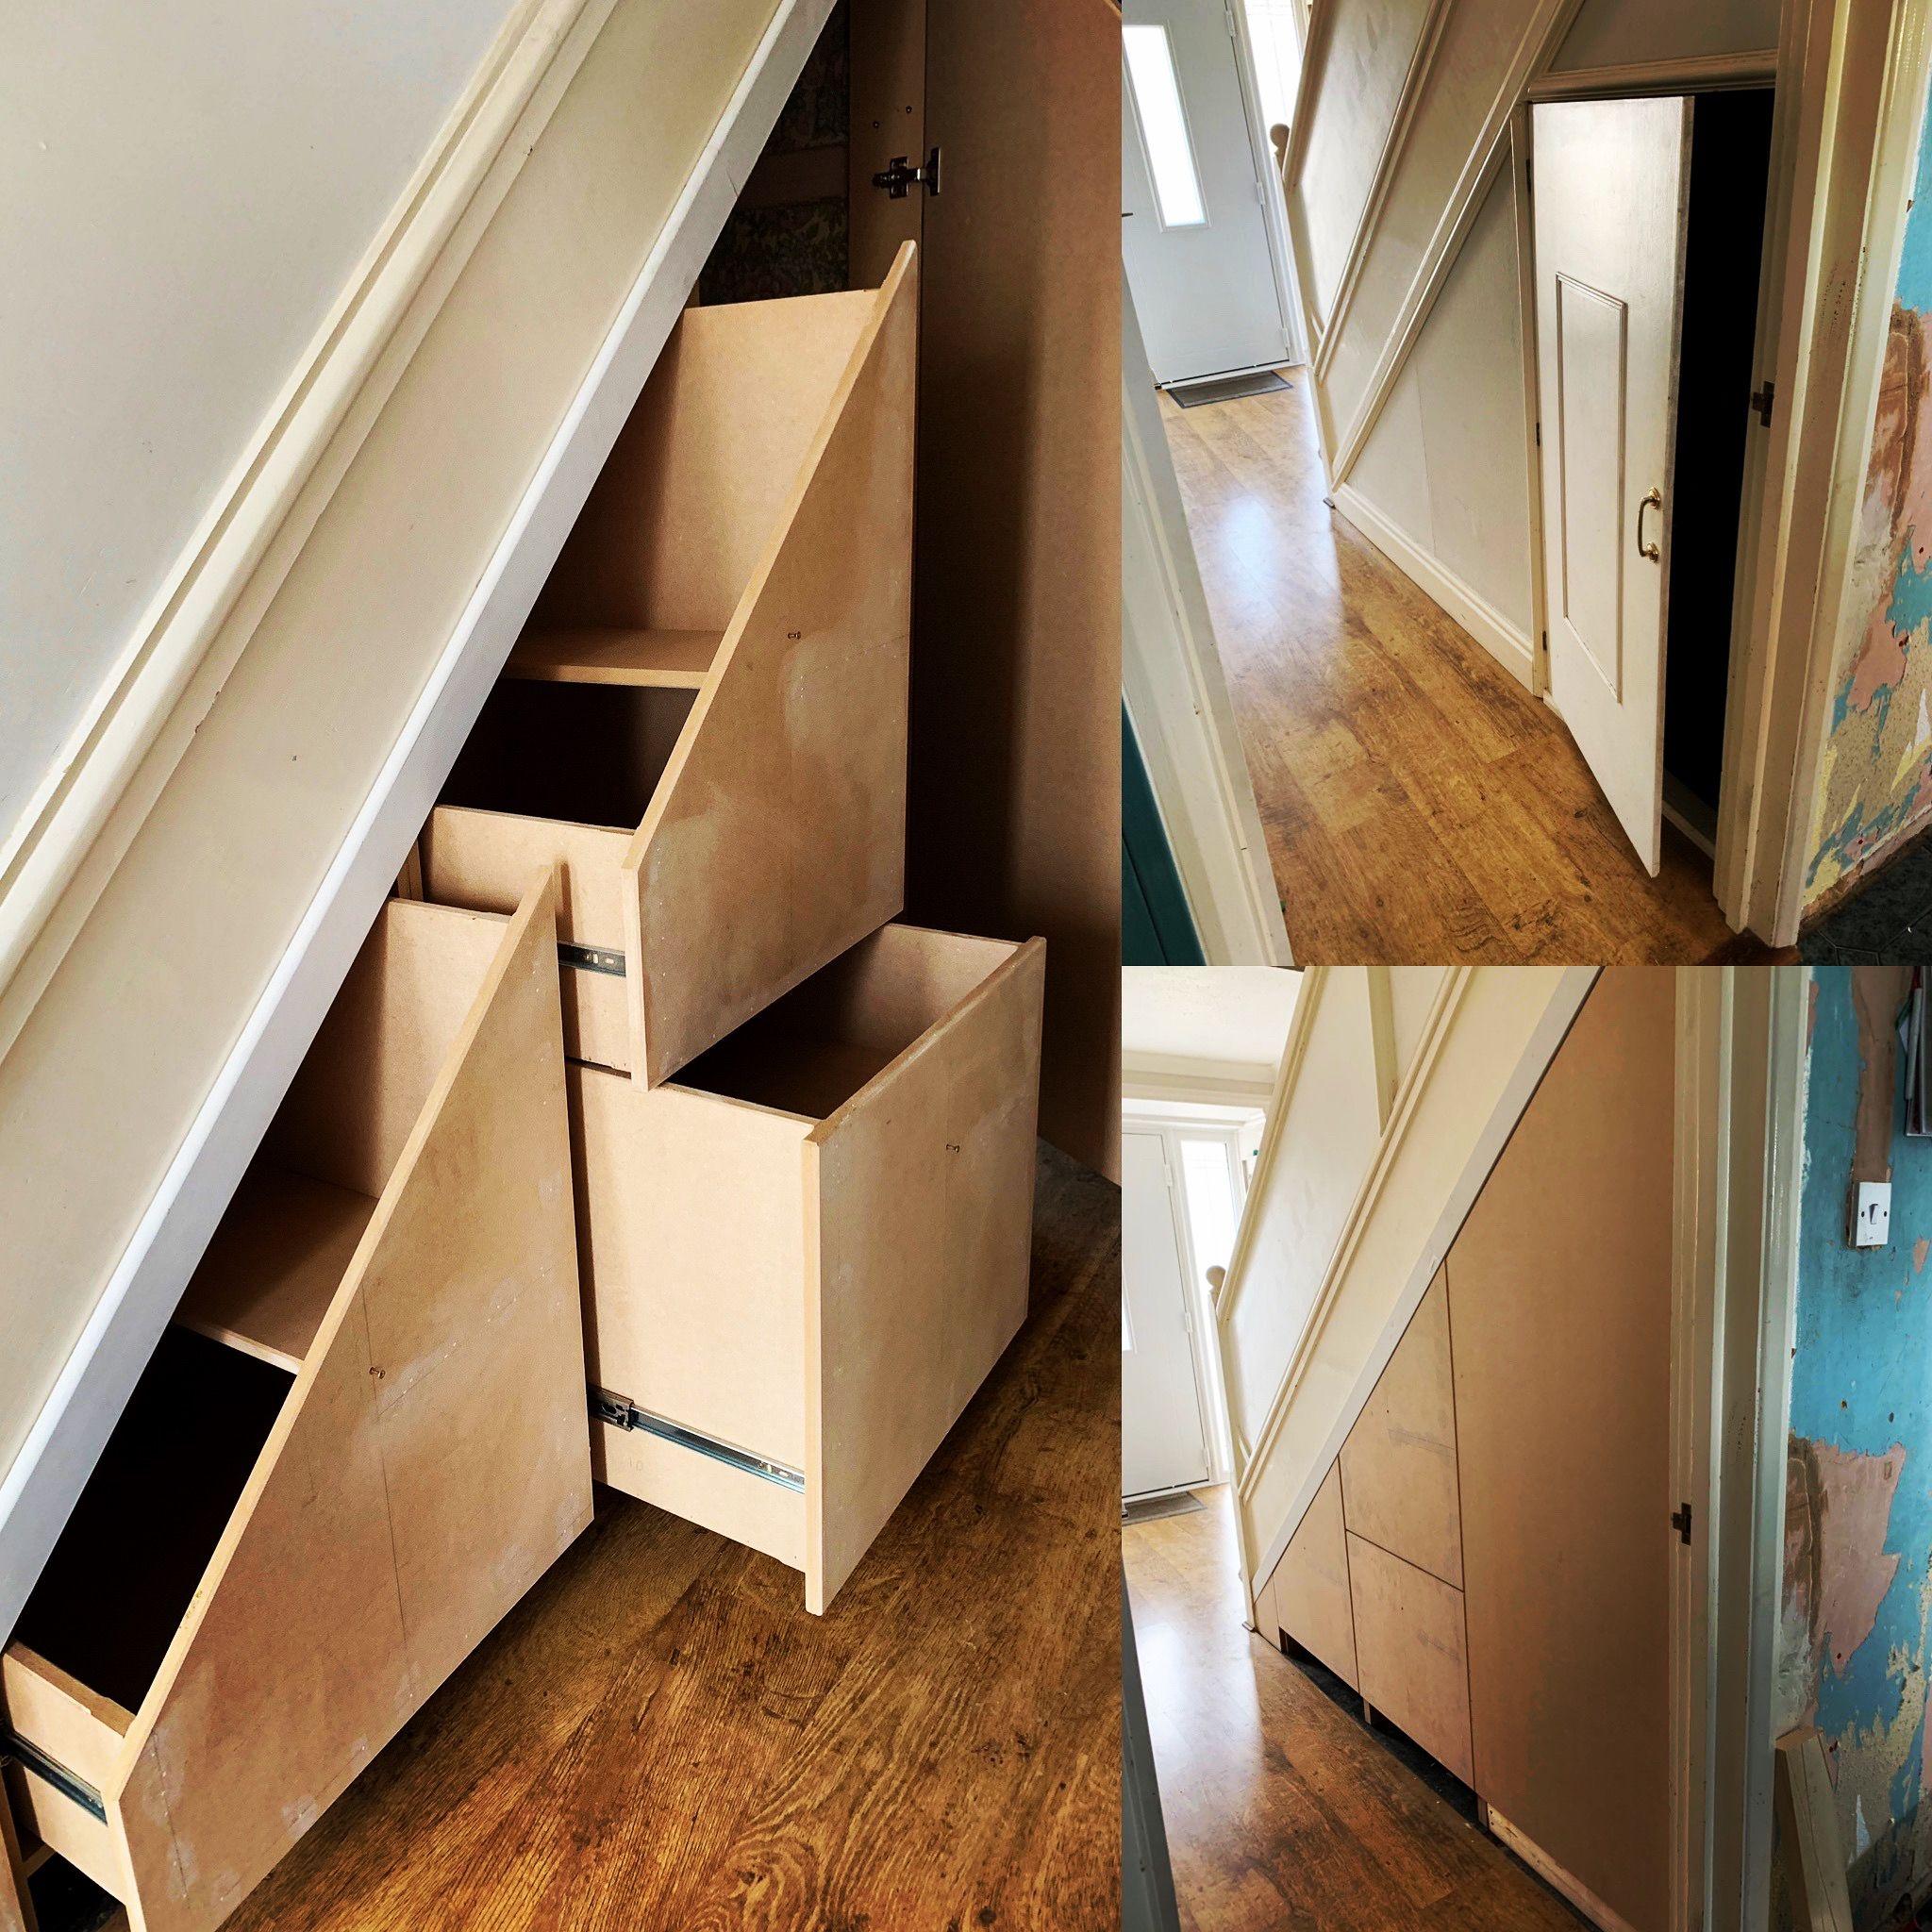 Bespoke Under Stairs Shelving: Bespoke Under Stairs Storage